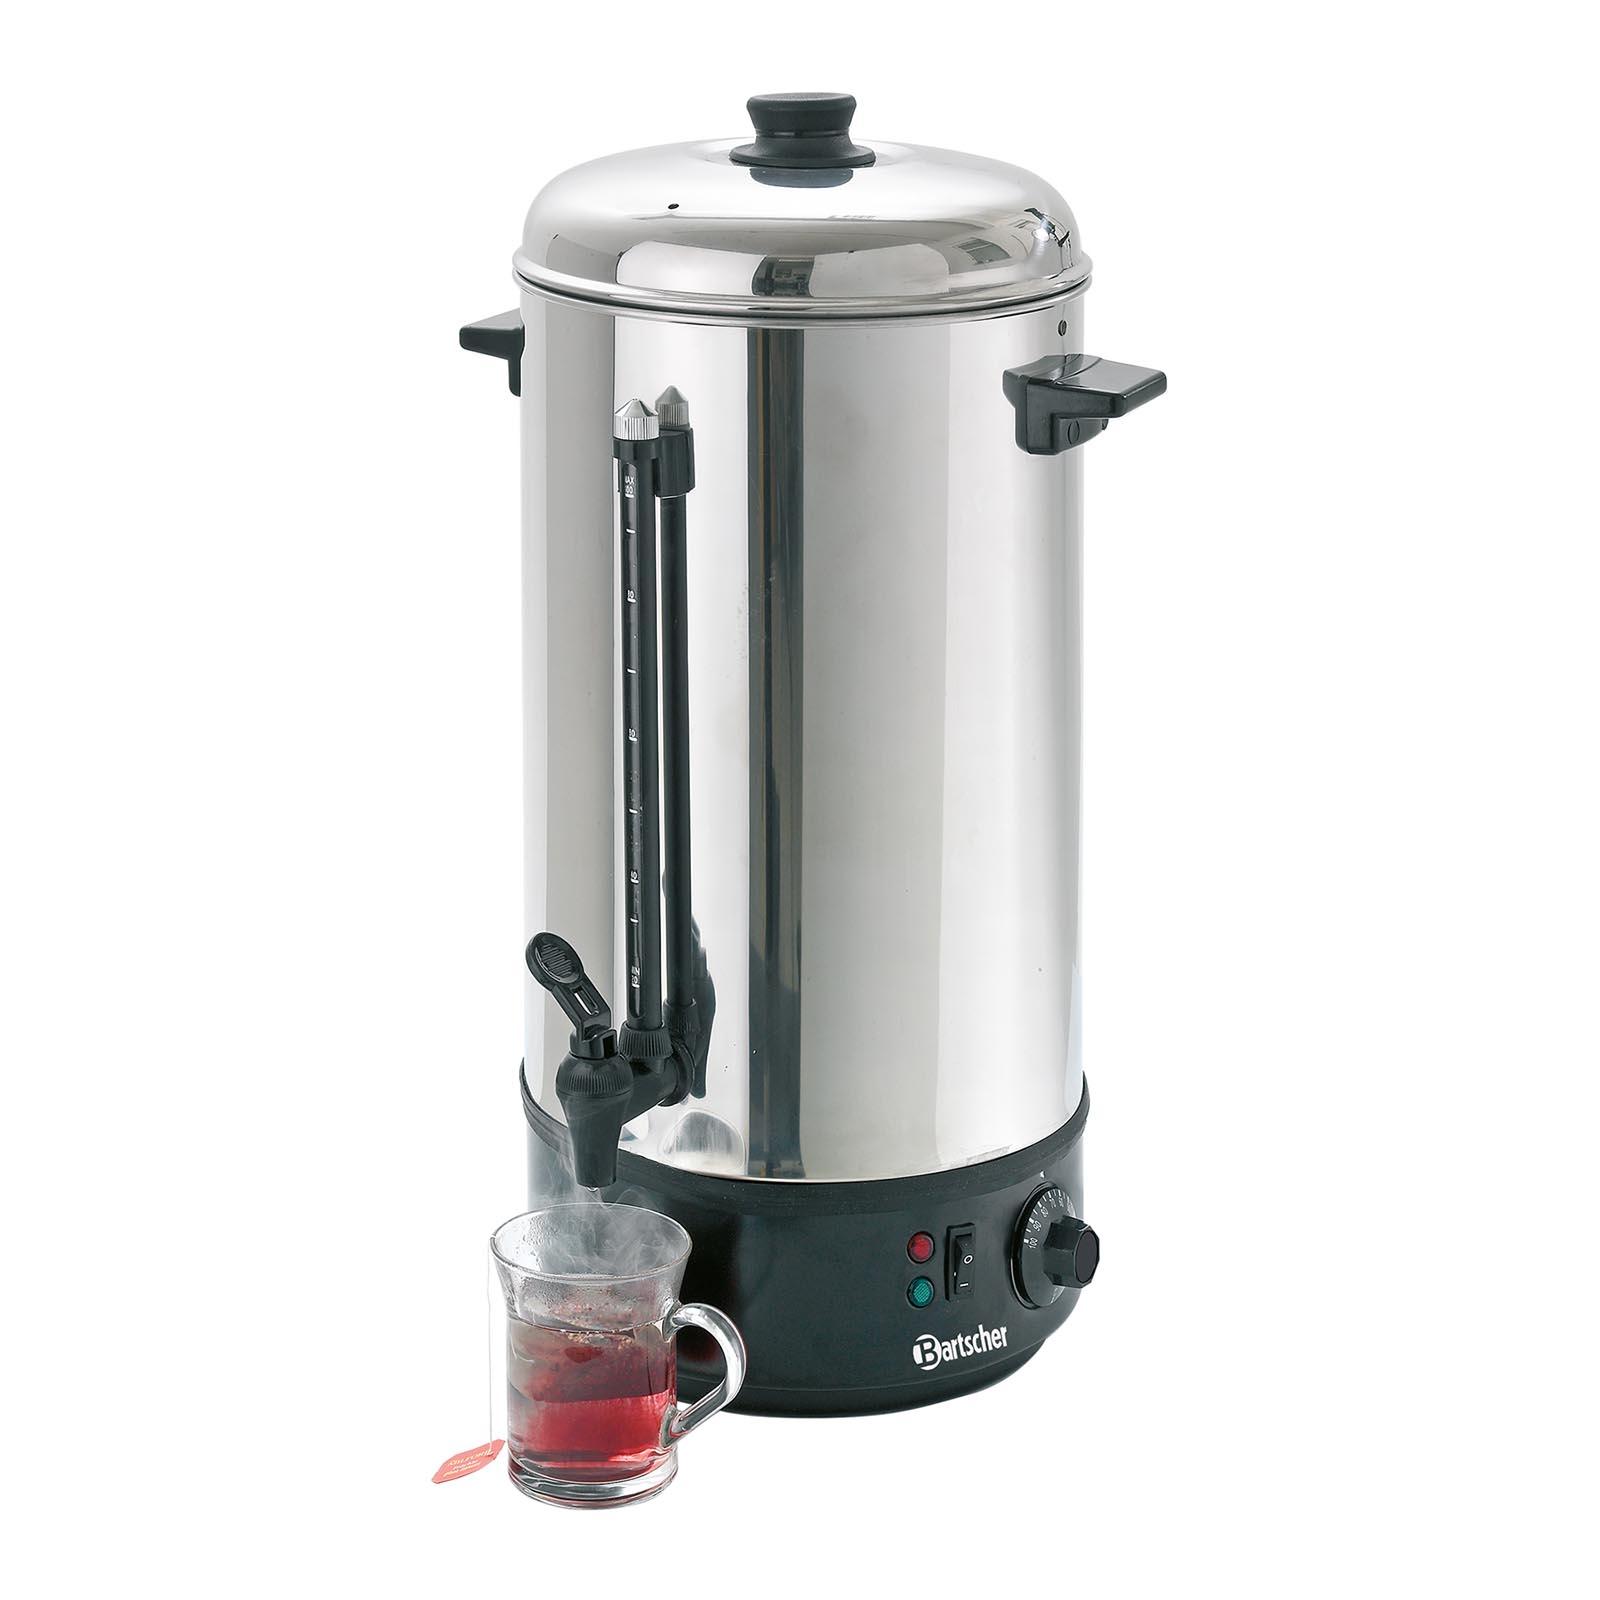 Bartscher Heisswasser-Spender - 10 Liter 10190578